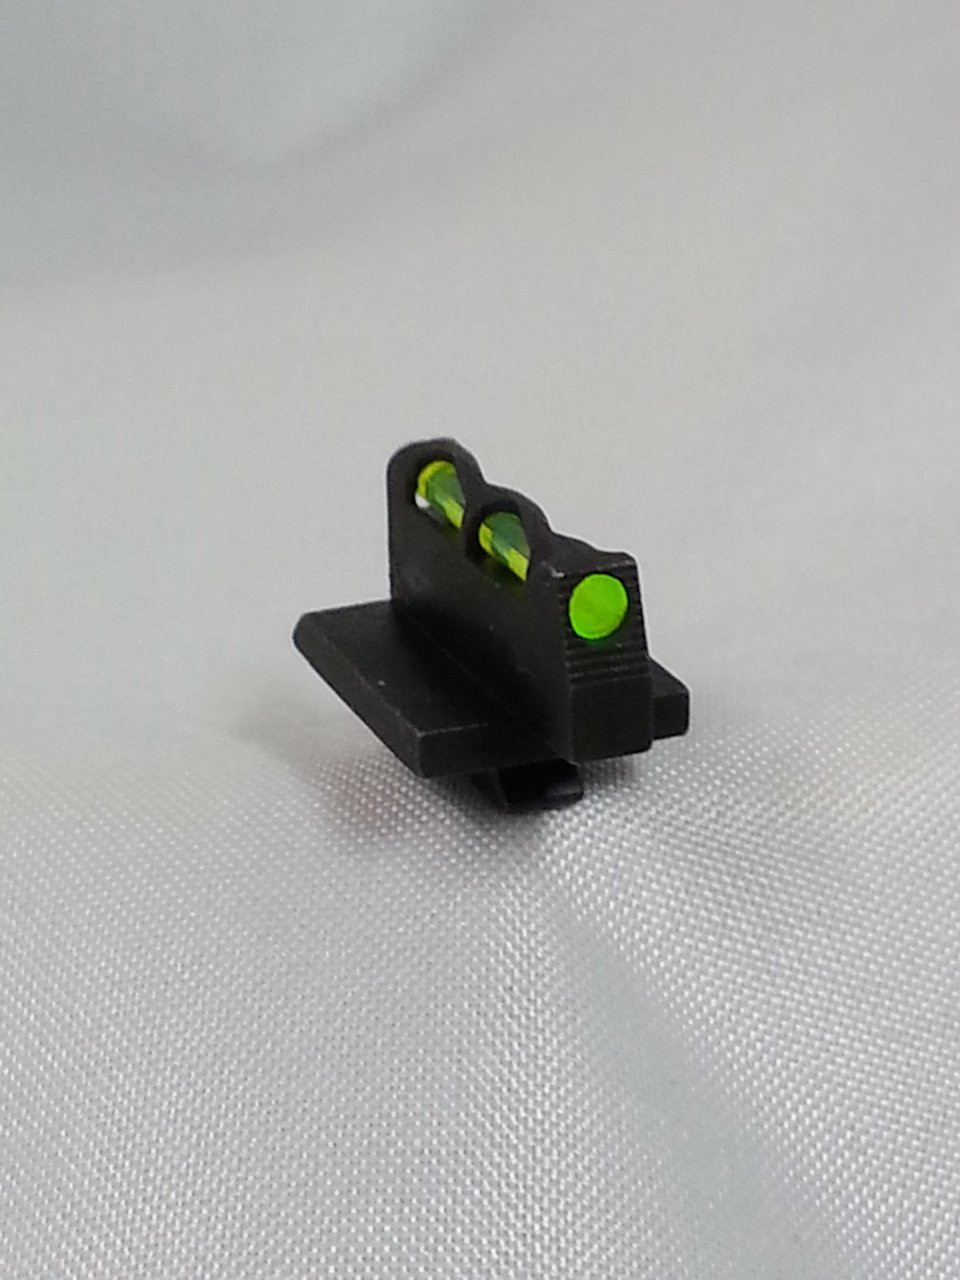 HI-VIZ Fibre Optic Ruger GP-100 Front Sight